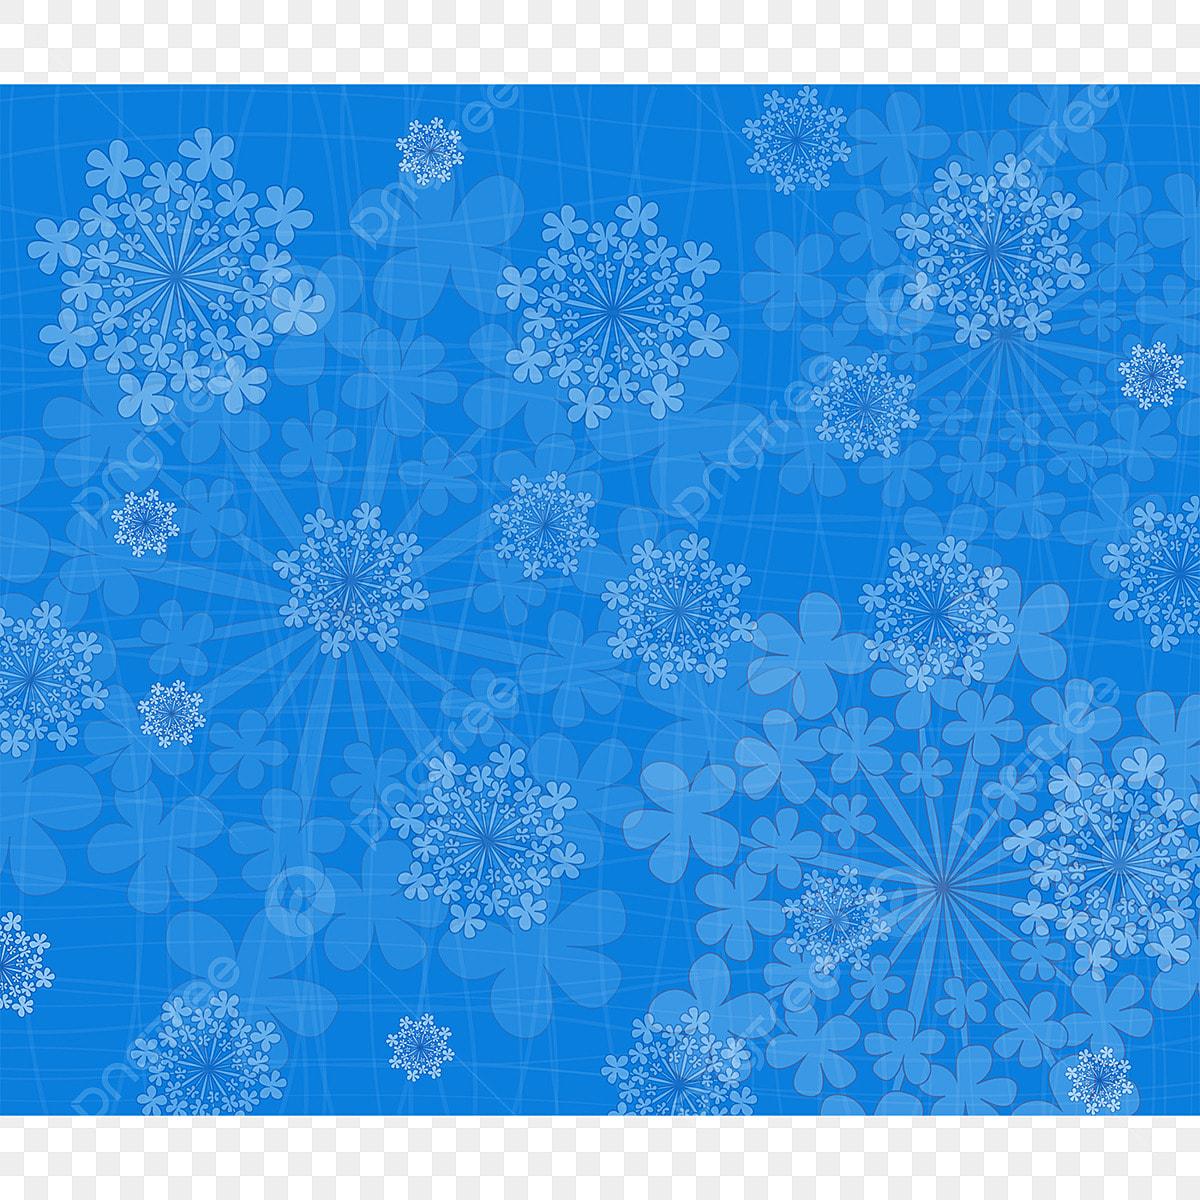 美しい青い花の壁紙要素 壁紙 ブルー 美しい花画像素材の無料